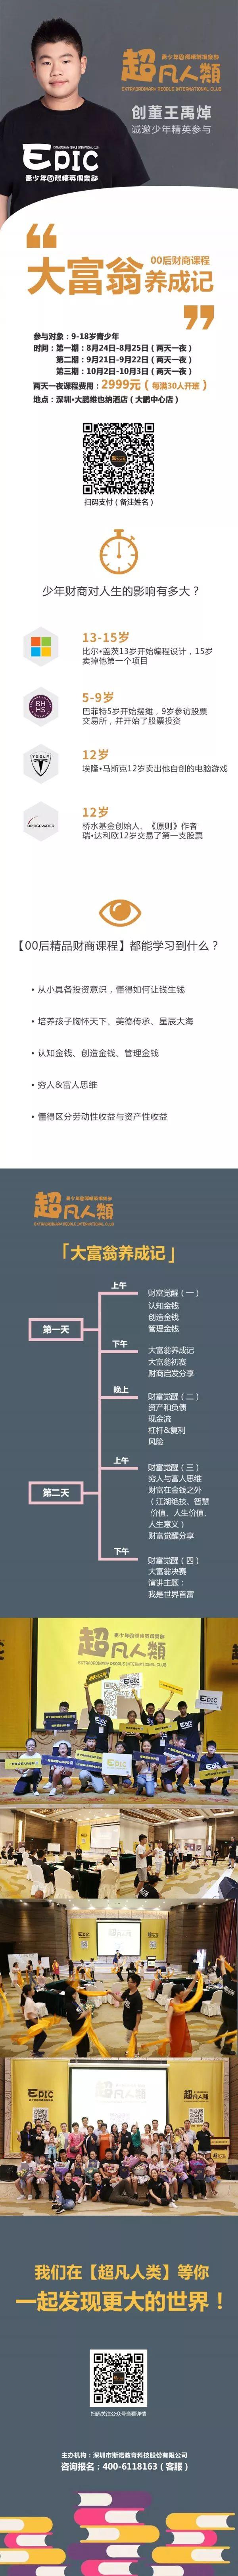 13岁创董王禹焯:逆风翻盘,成为人生赢家!插图(7)